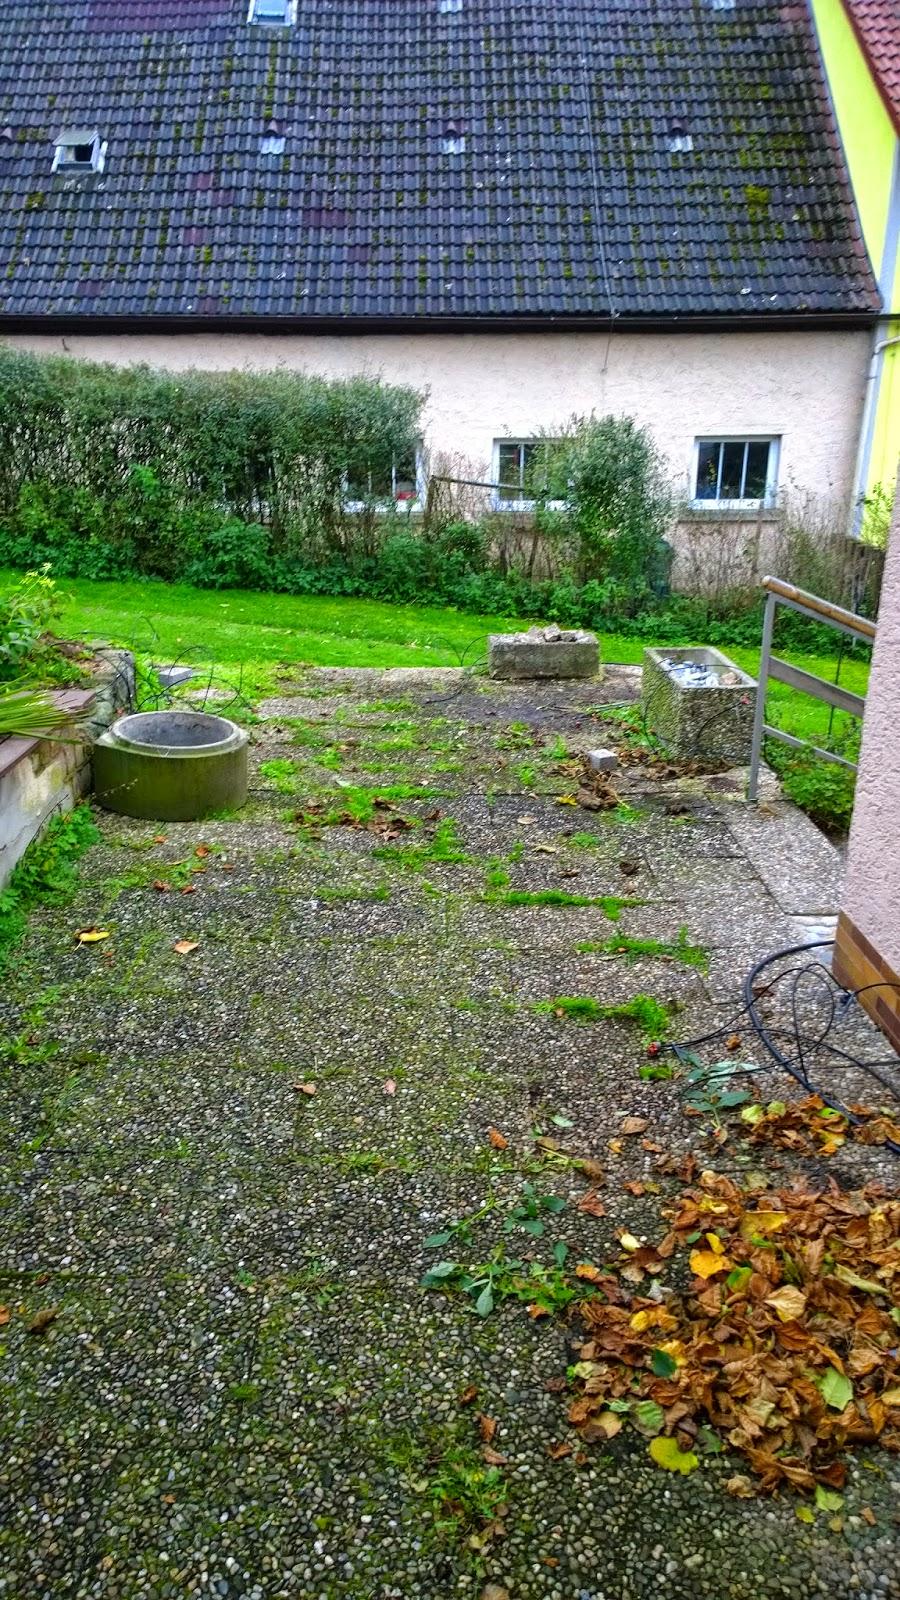 achimsgarten der selbstversorger und garten blog herbstarbeiten im landgarten und neue pl ne. Black Bedroom Furniture Sets. Home Design Ideas